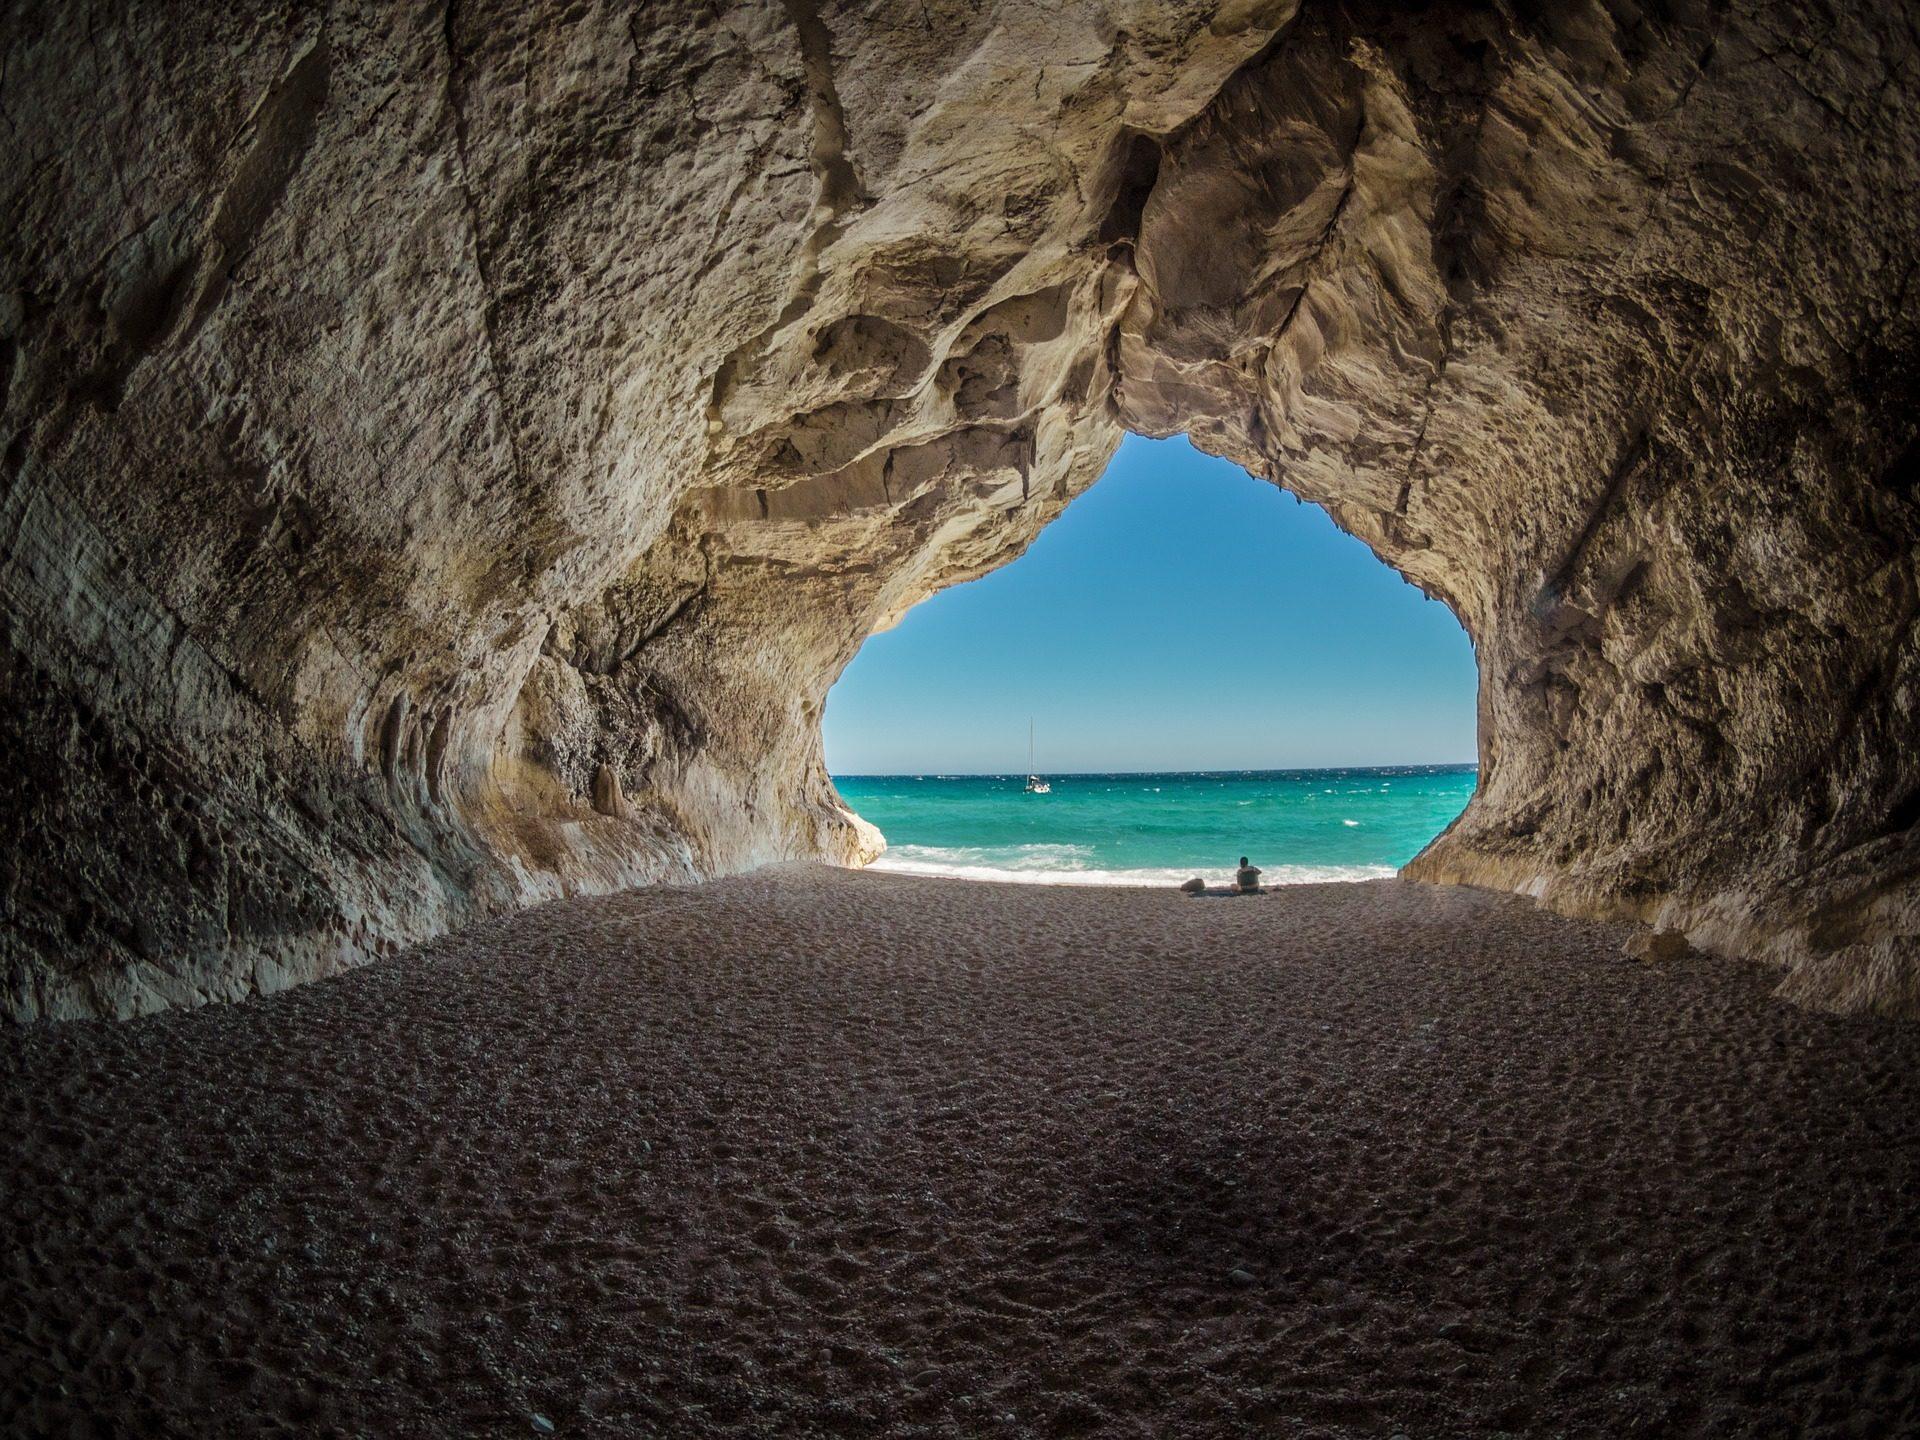 Cueva, Plage, Sky, Mer, Cala gonone, Italie - Fonds d'écran HD - Professor-falken.com